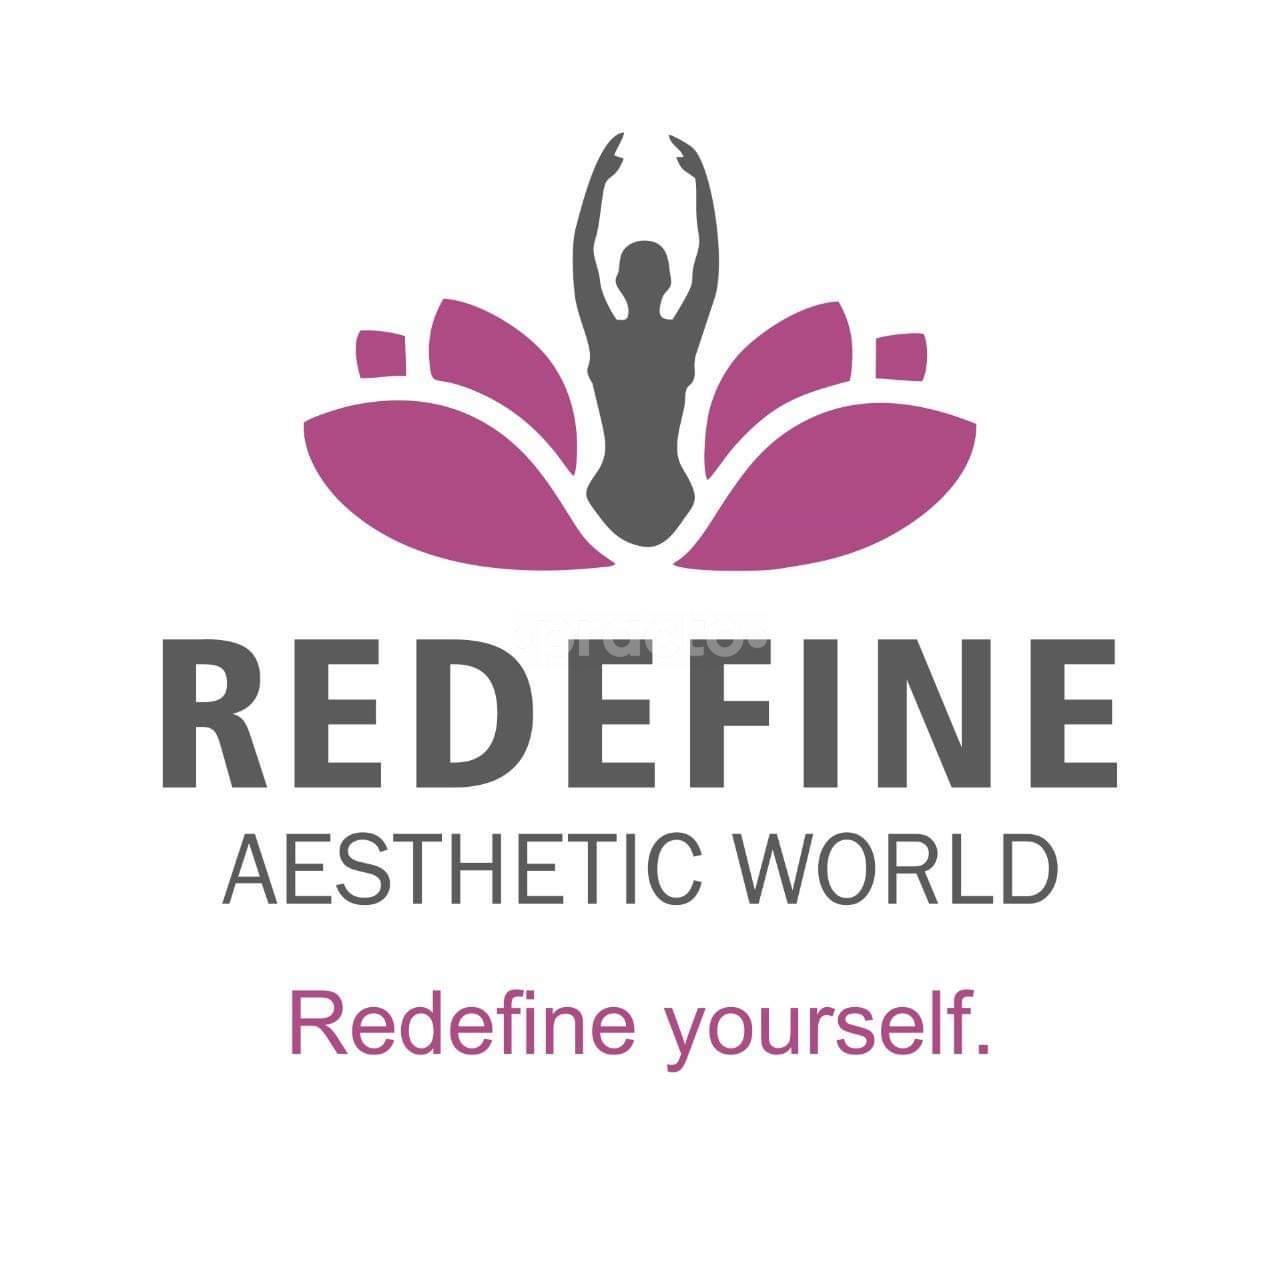 Redefine Aesthetic World